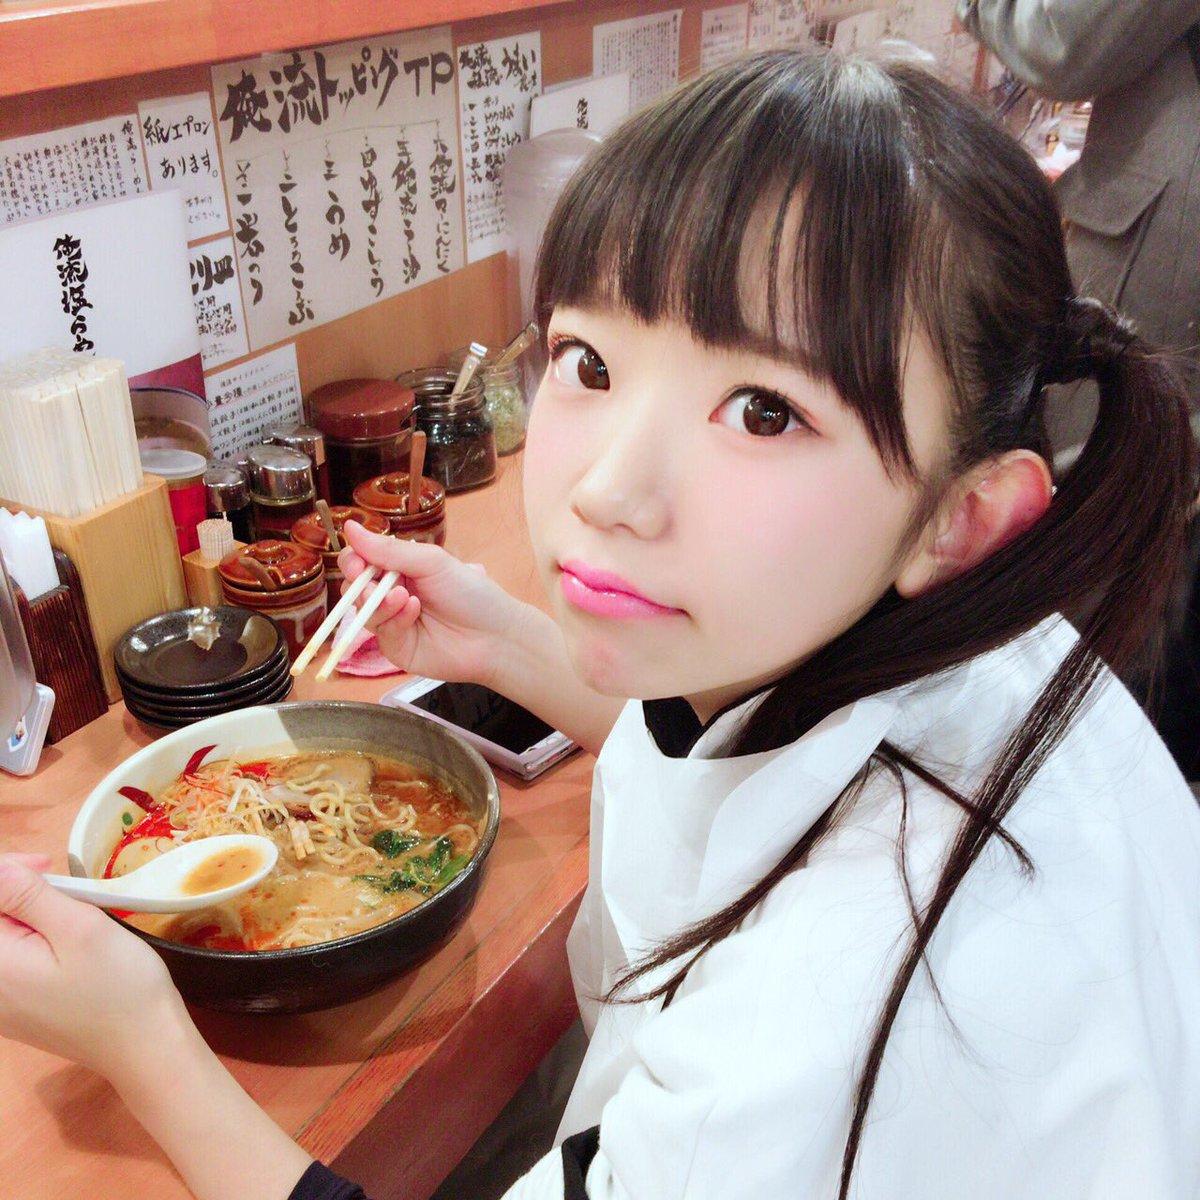 じゃあみんなまた会うときあったらよろしくぅ!!!🙈🙈🙈♥ 寒い日はラーメン食べてあったまって、風邪に…